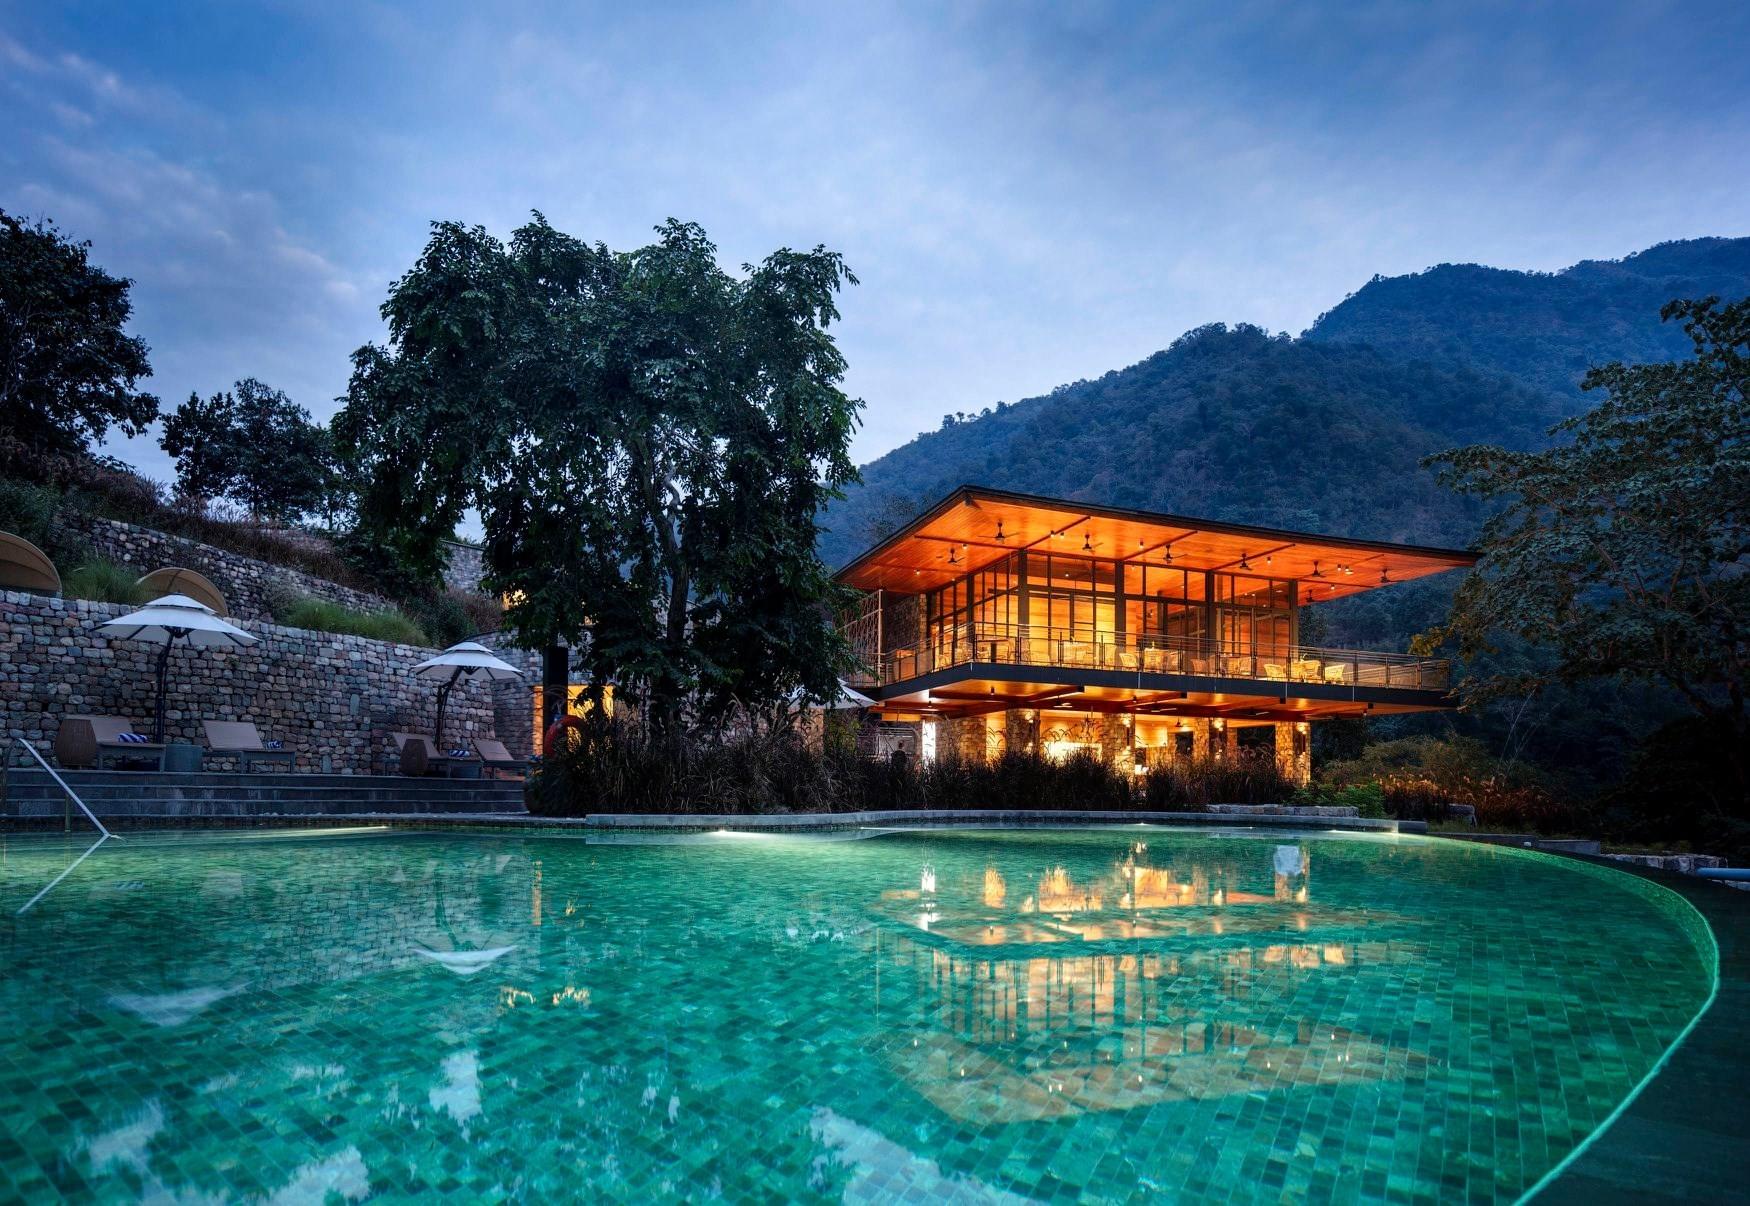 Taj Rishikesh Resort & Spa, Uttarakhand, hoteles de lujo en la india, luna de miel en la india - Wedding Hub - 012